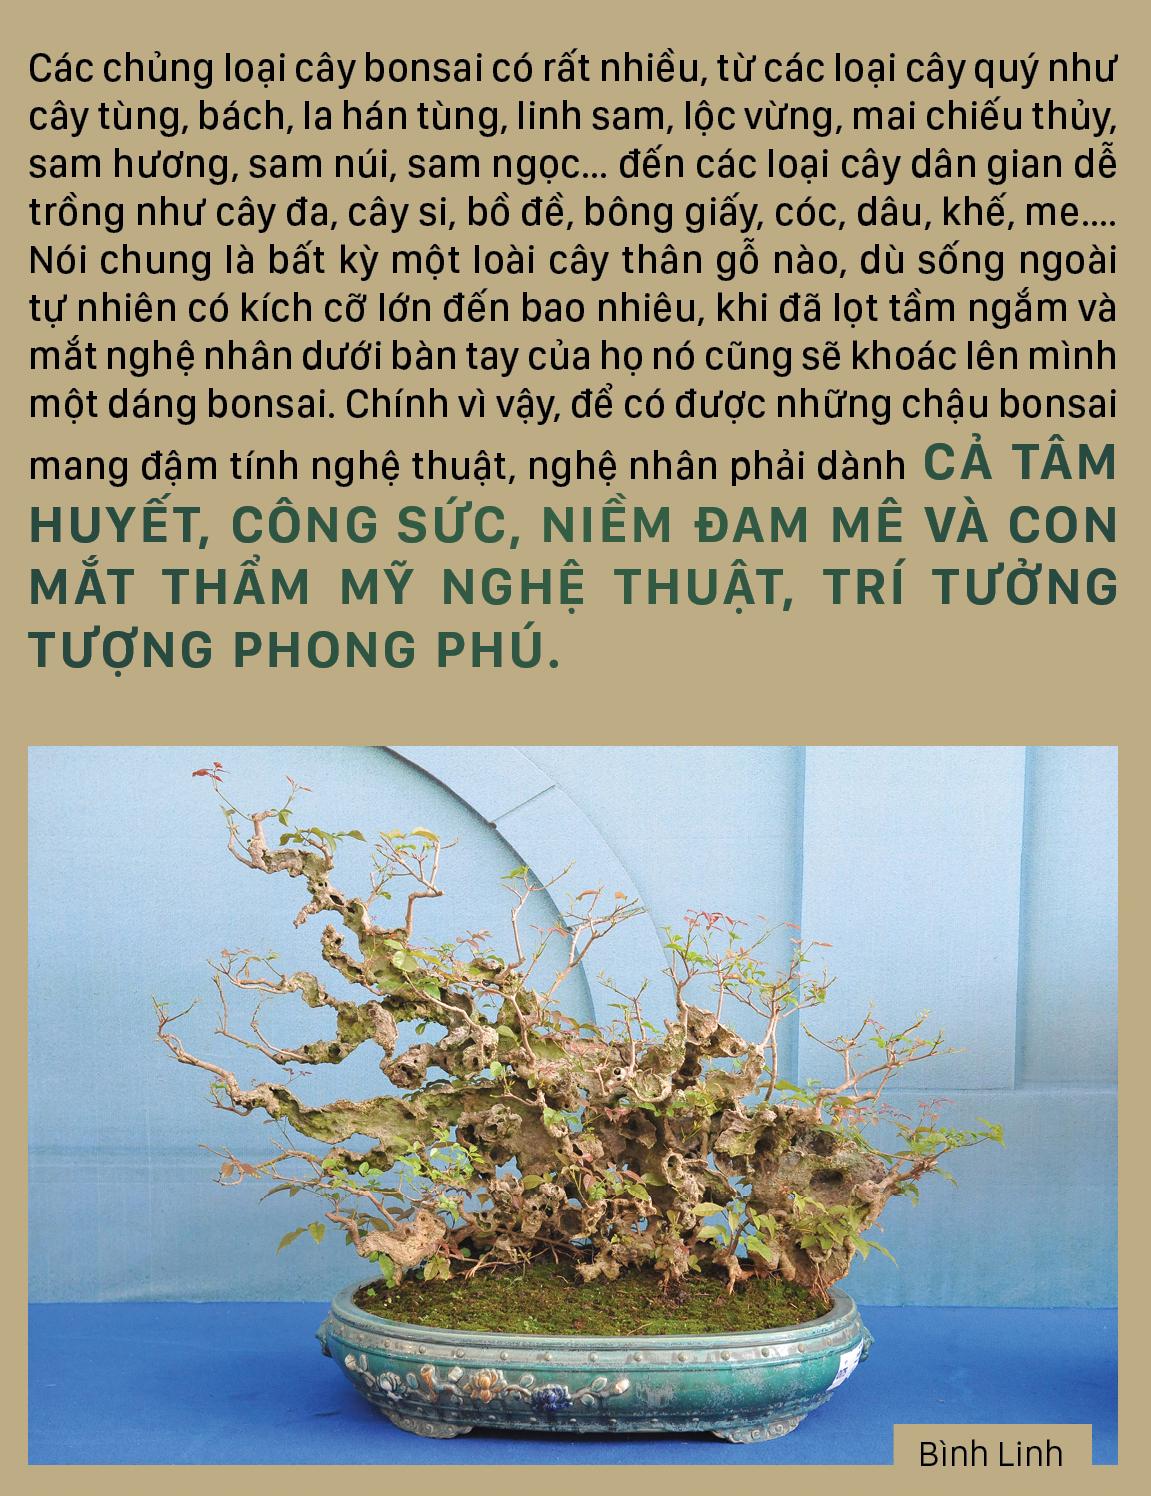 Nghệ thuật bonsai, thú chơi tao nhã ảnh 6